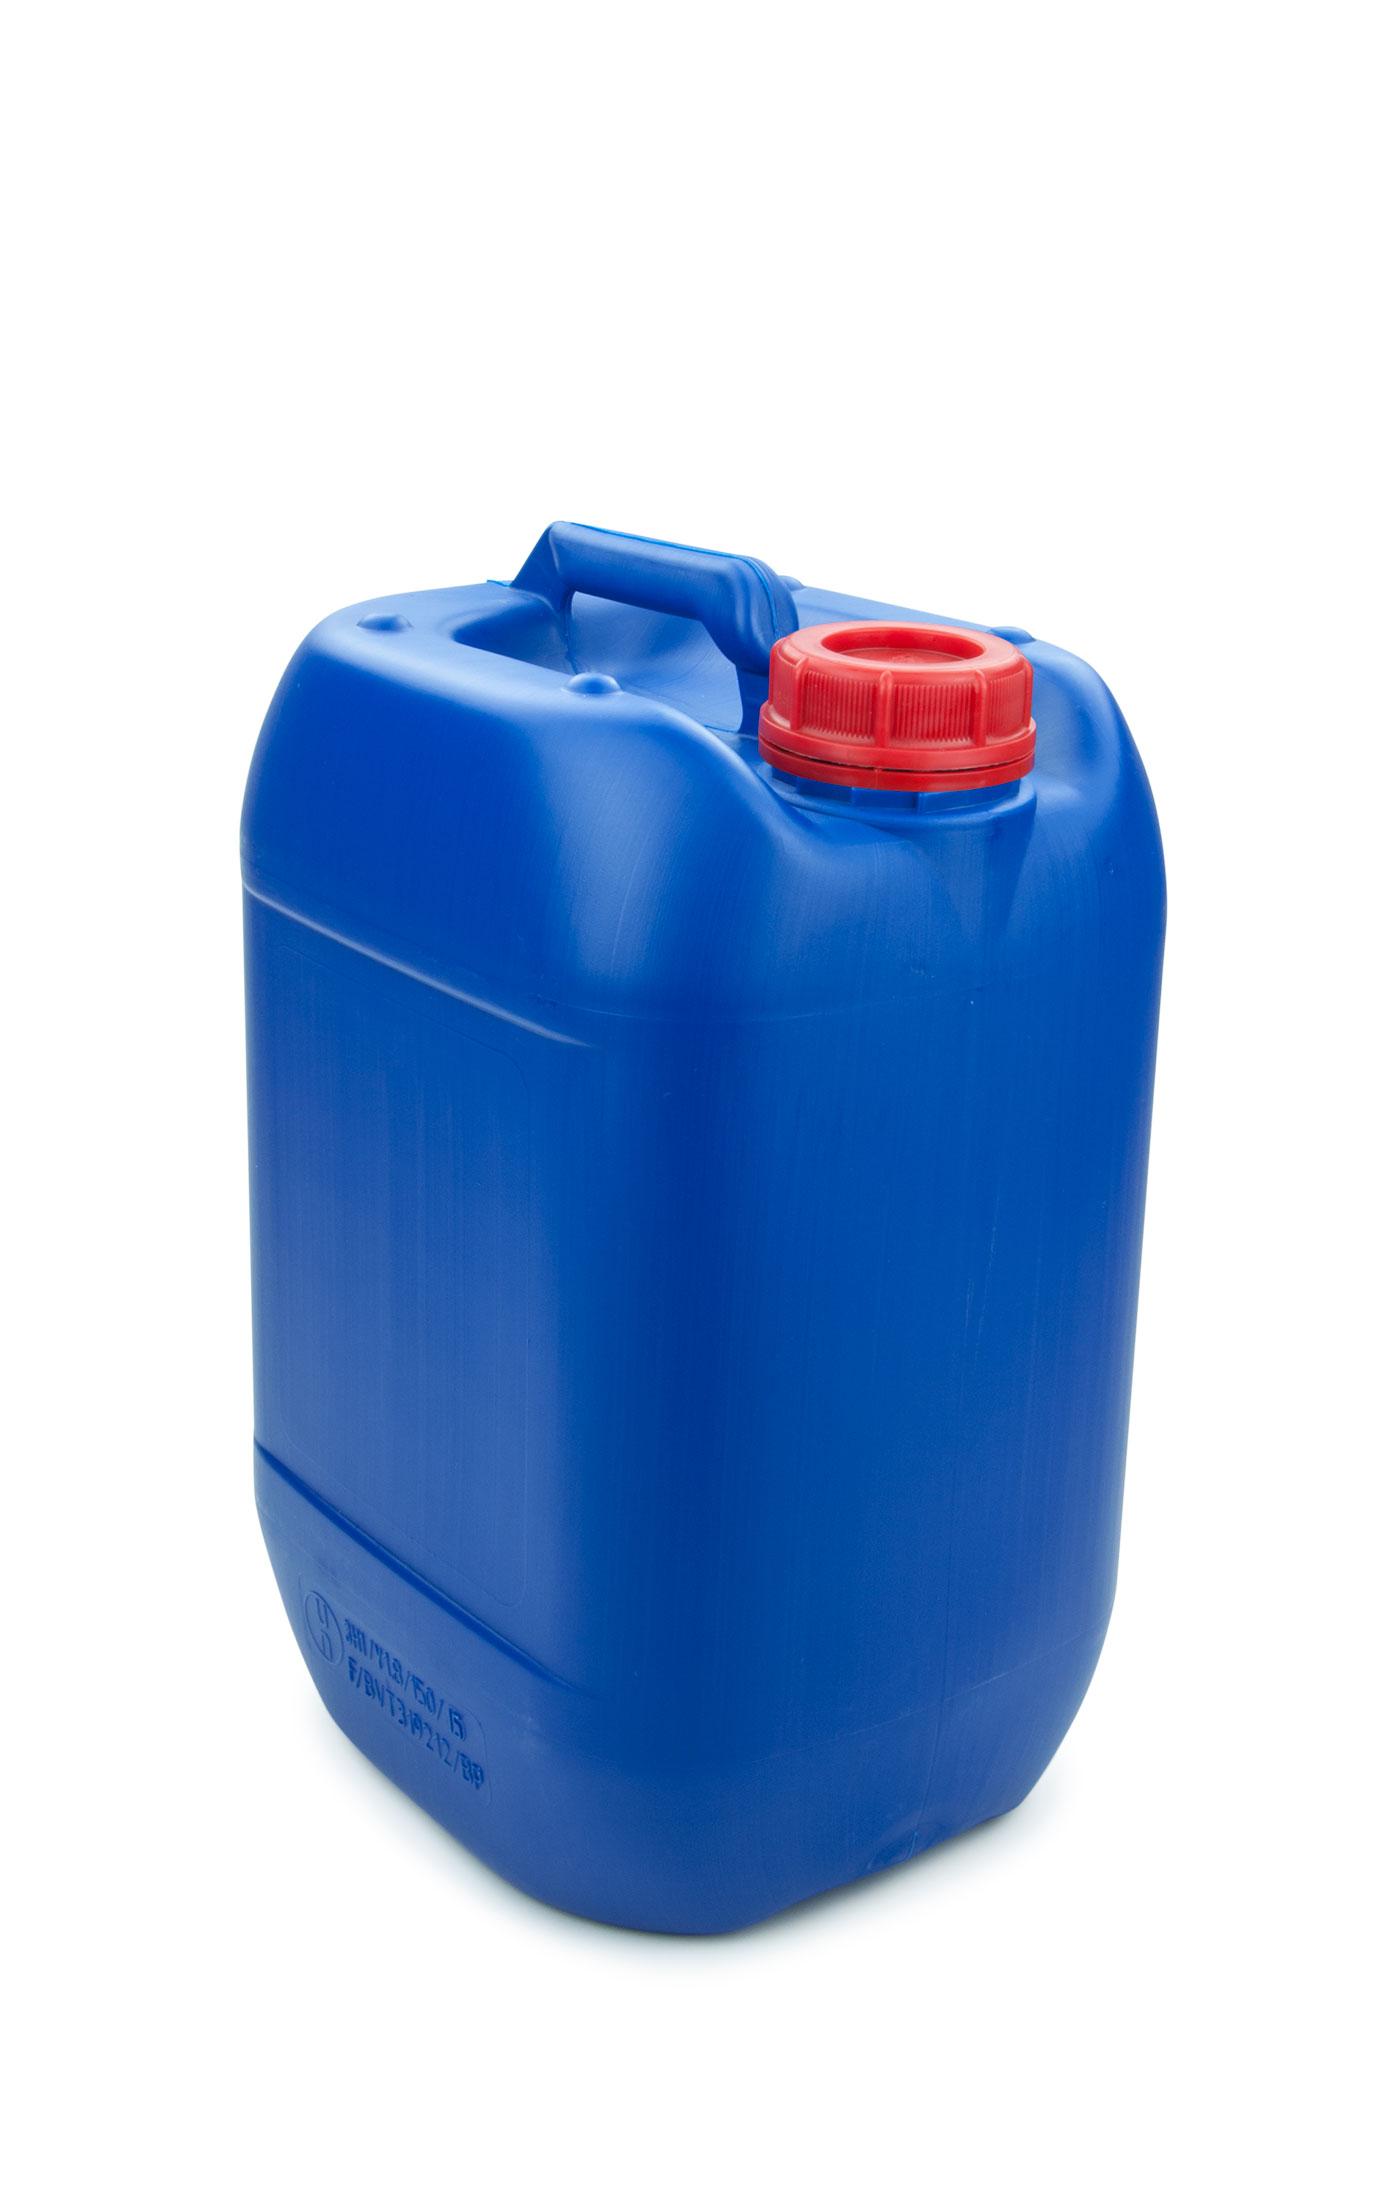 kunststoff kanister blau 10 liter un stapelbar mit schraubverschluss din 51 rot mit entgasung. Black Bedroom Furniture Sets. Home Design Ideas